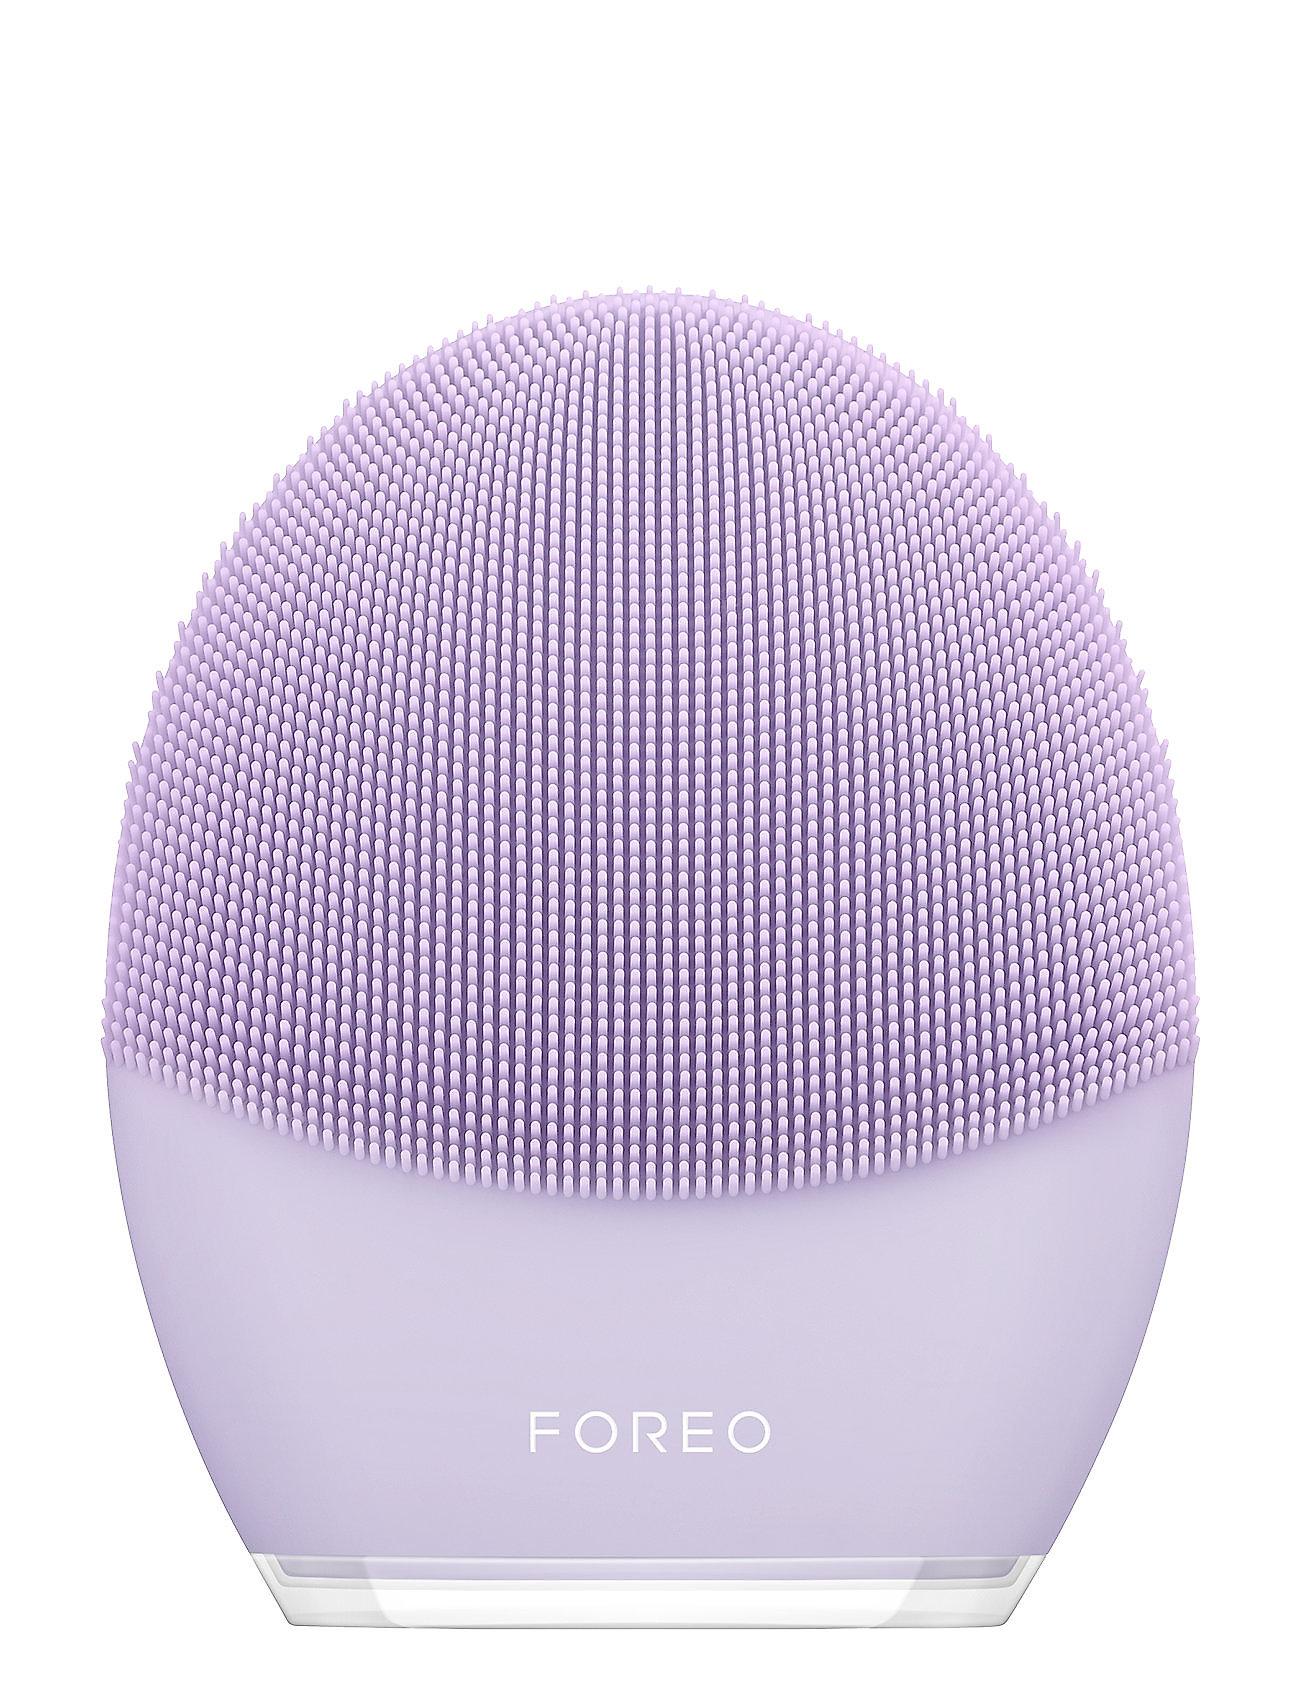 Foreo LUNA 3 for Sensitive Skin - LAVENDER